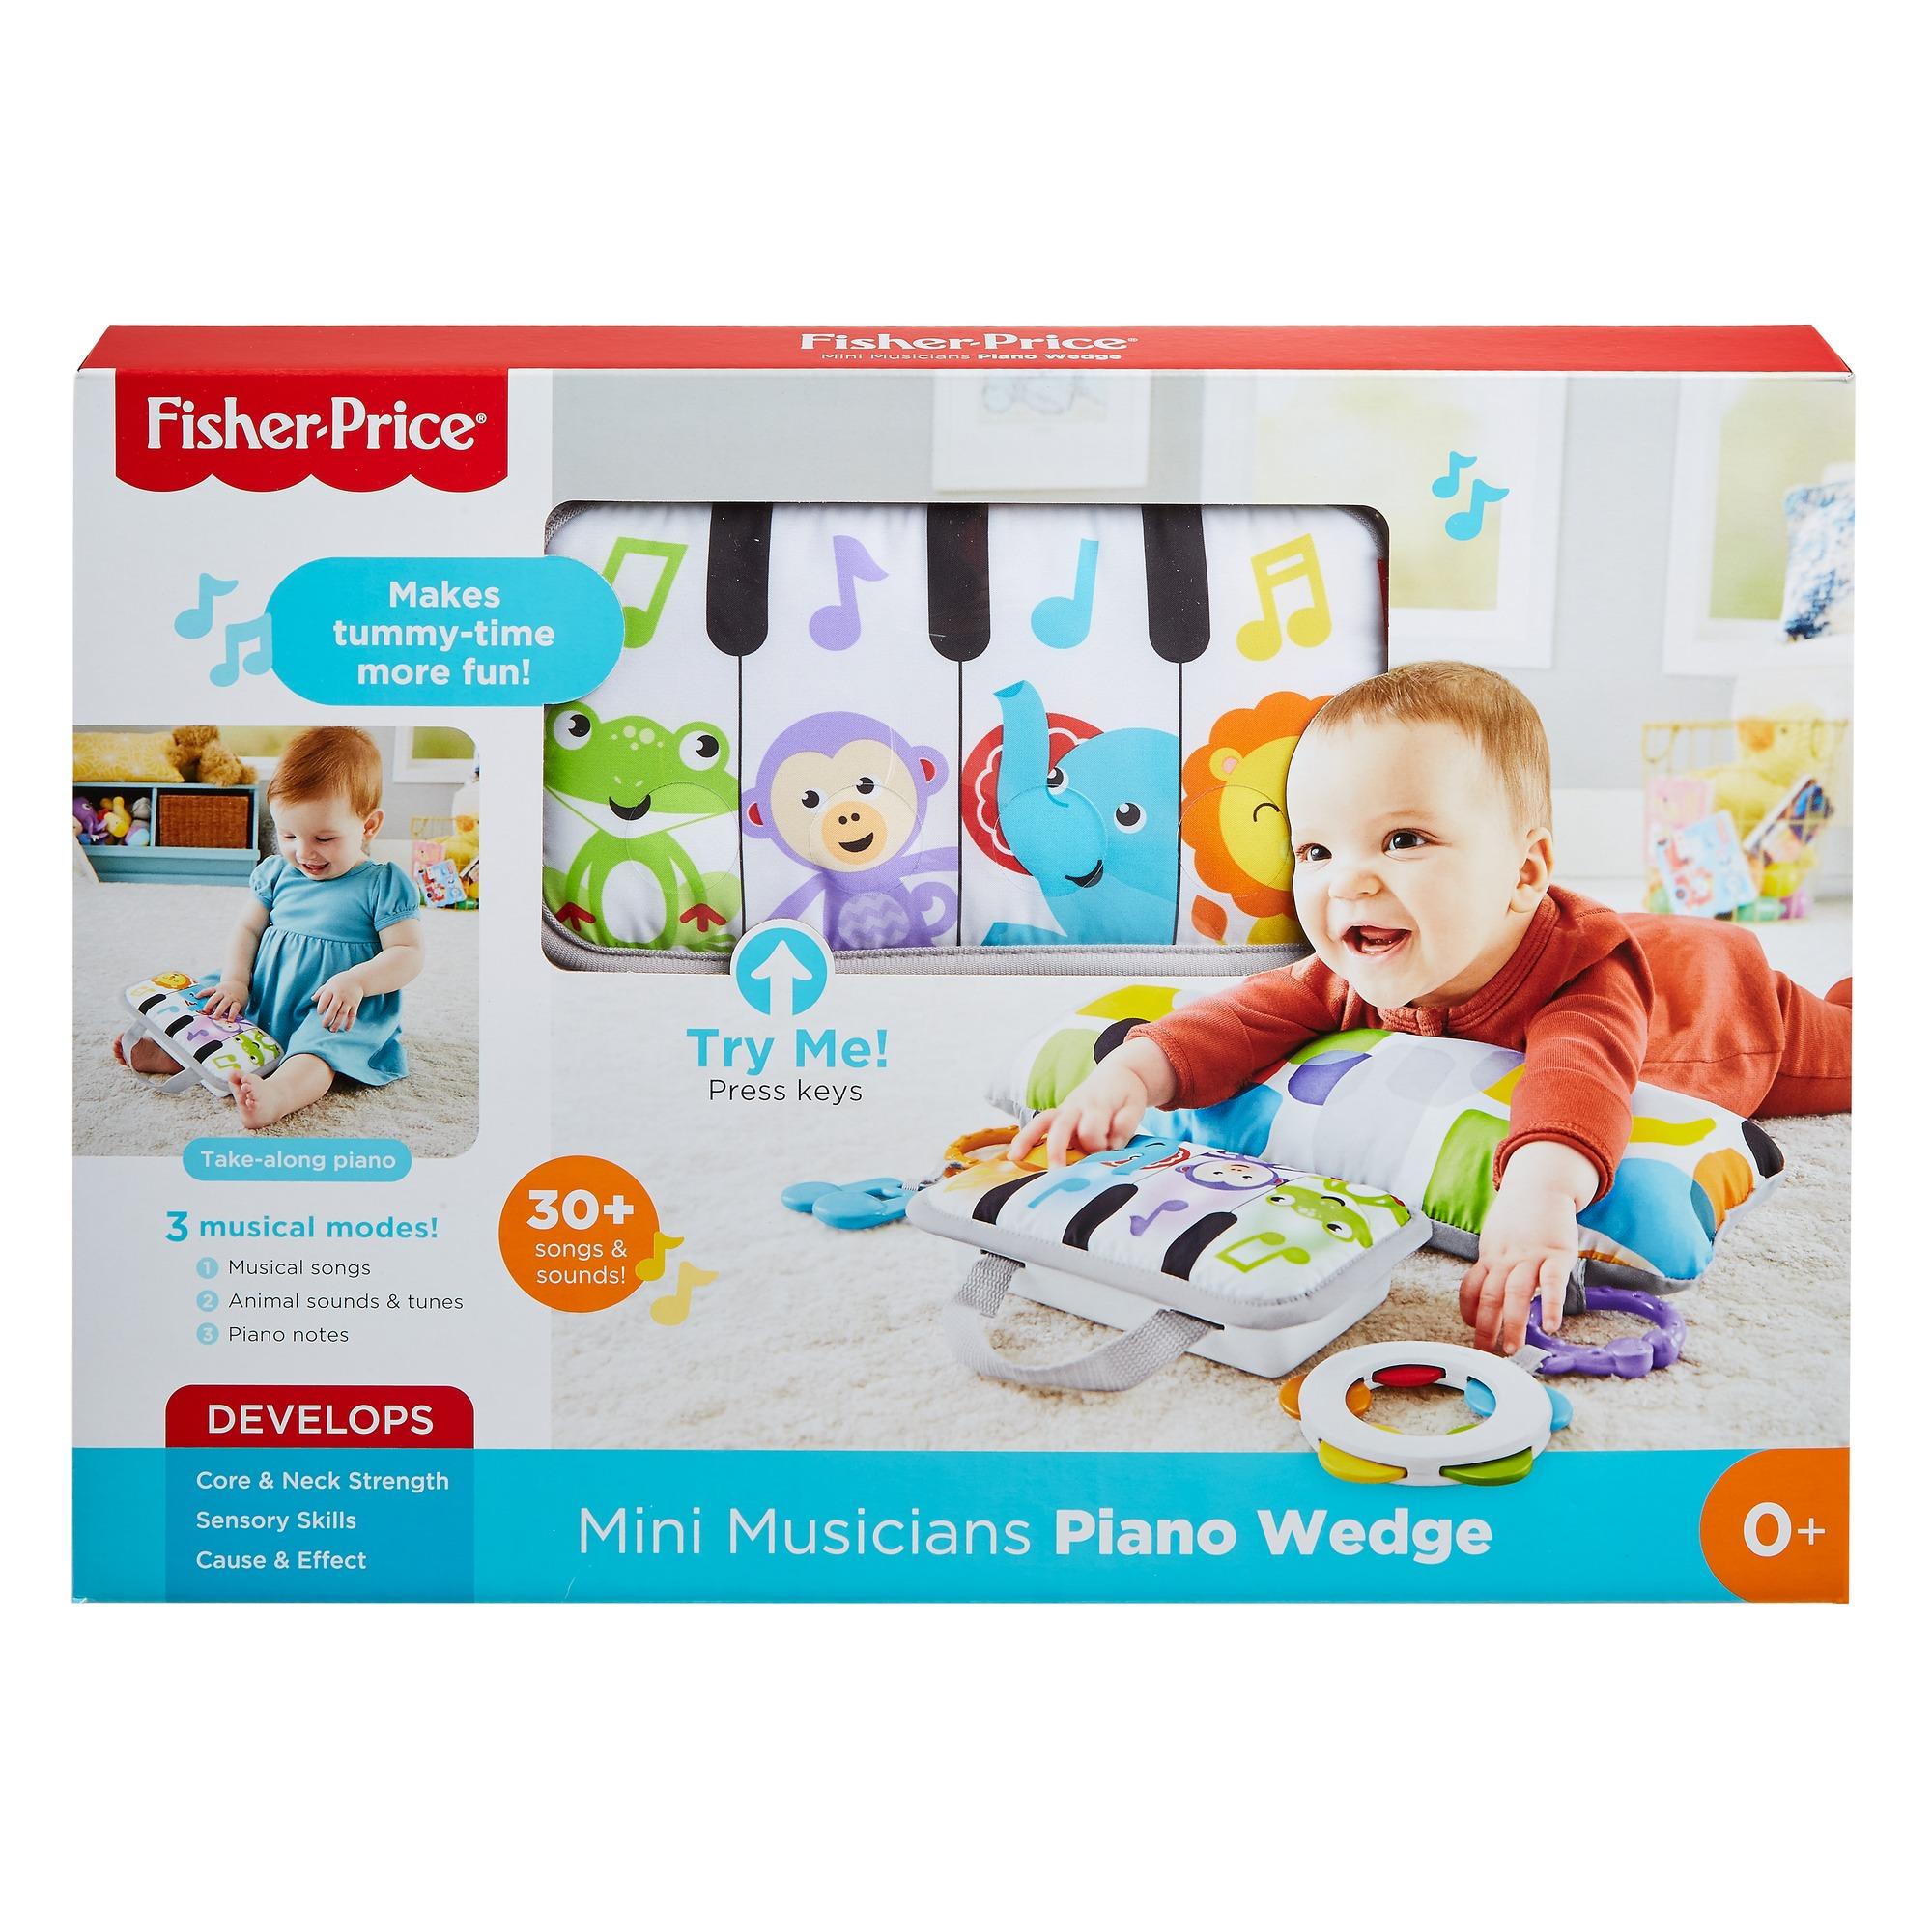  fisher-price soffice pianoforte dei piccoli musicisti, cuscino con canzoni, 0+ mesi - FISHER-PRICE